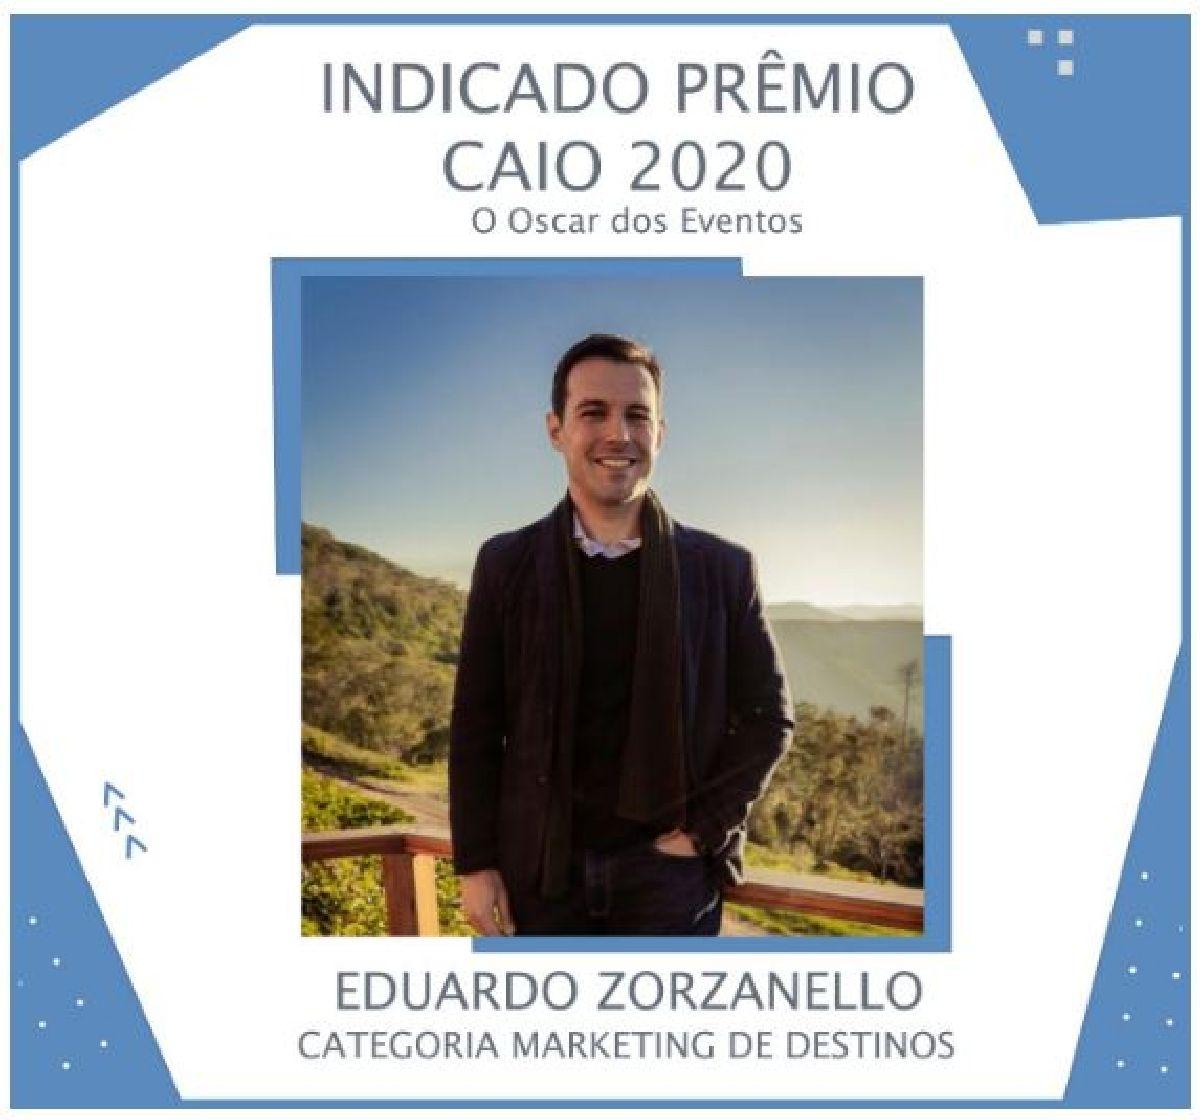 EDUARDO ZORZANELLO CONCORRE AO OSCAR DOS EVENTOS